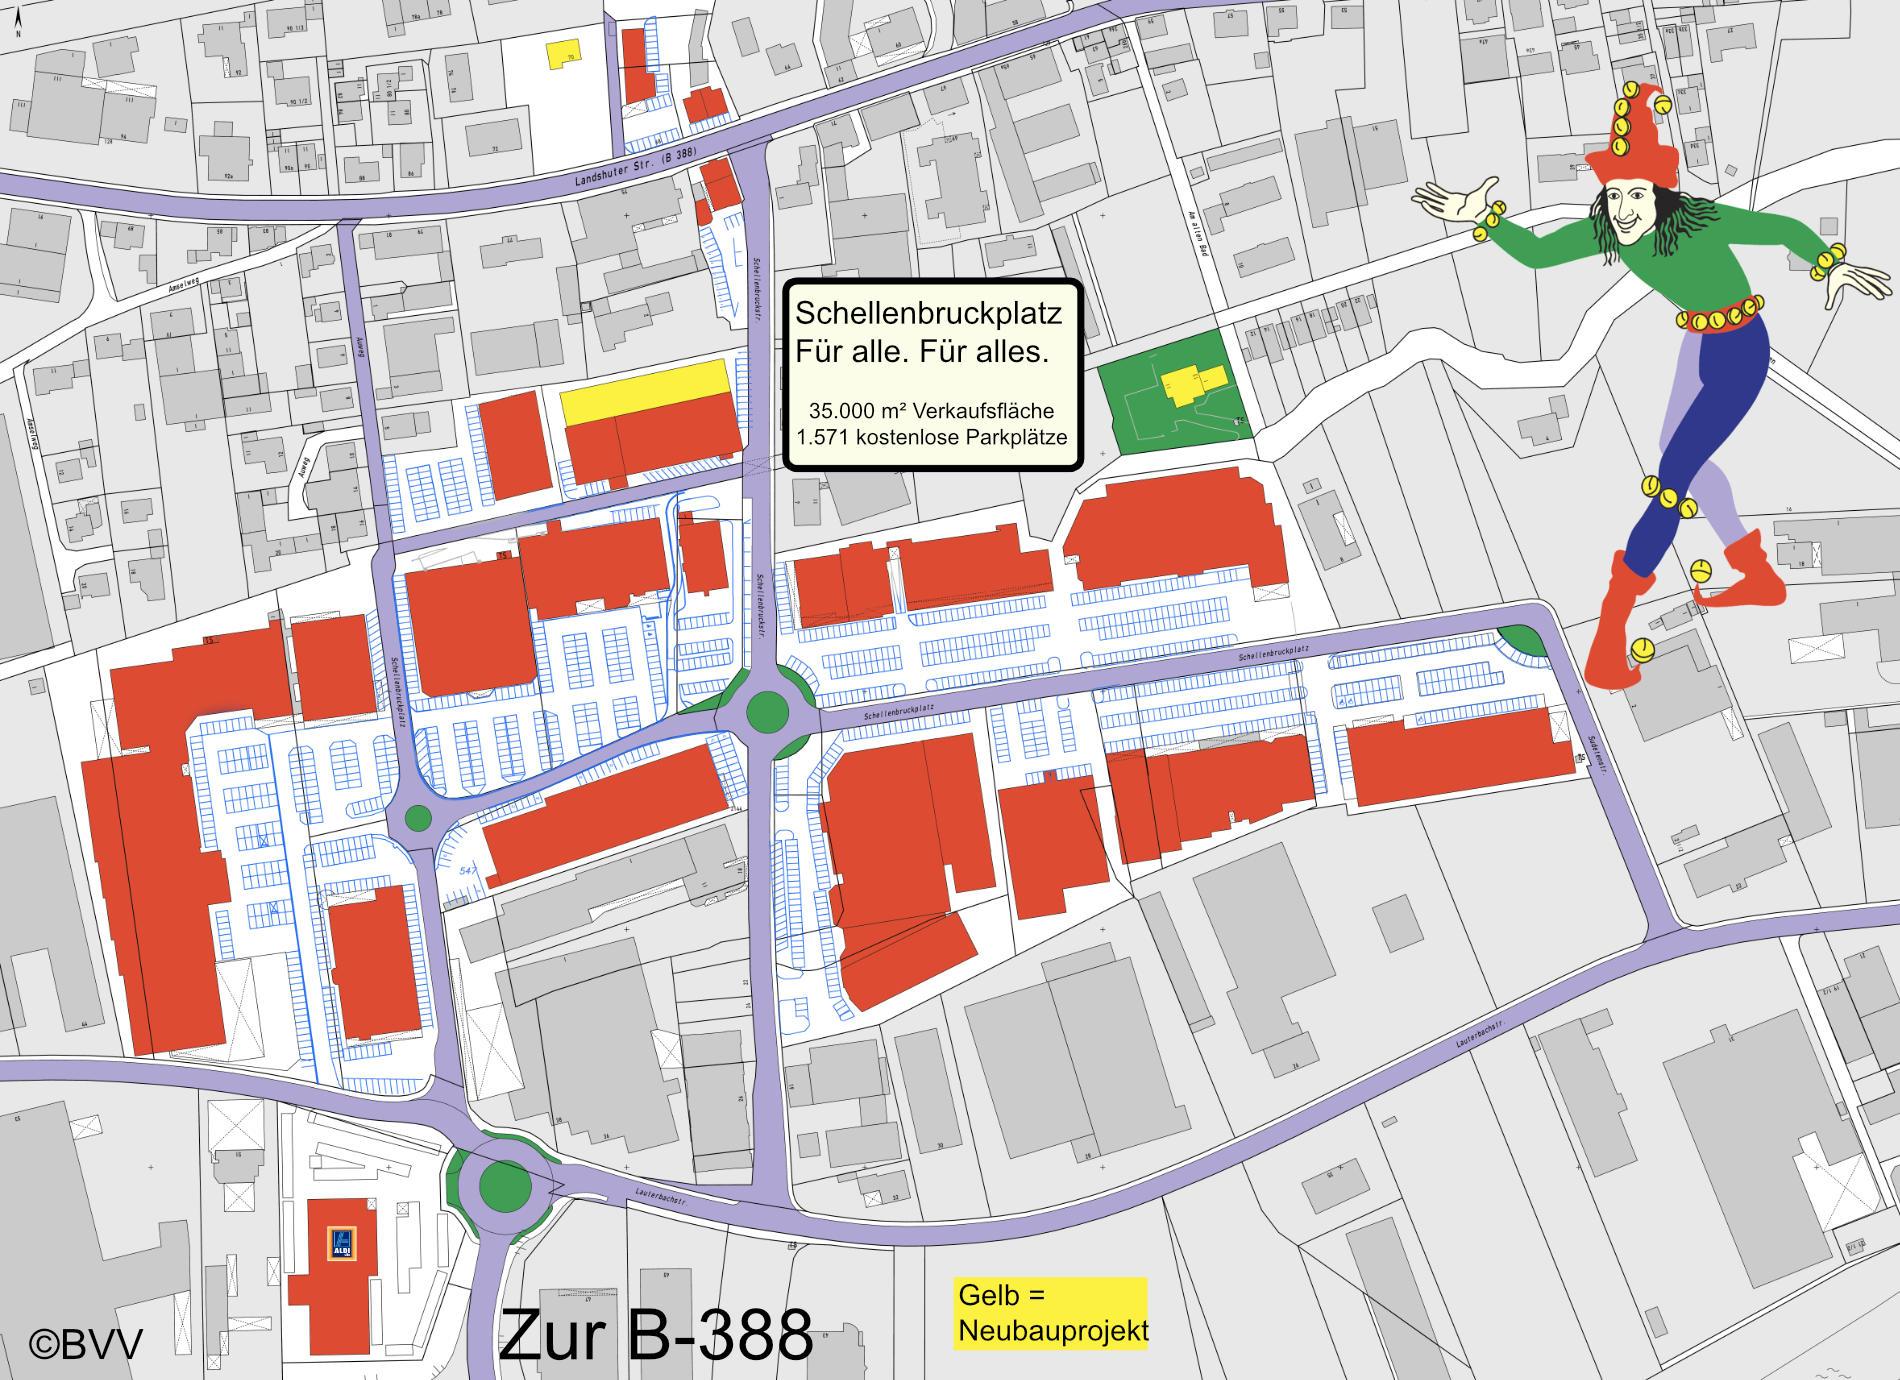 centerplan-schellenbruckplatz-2021-03